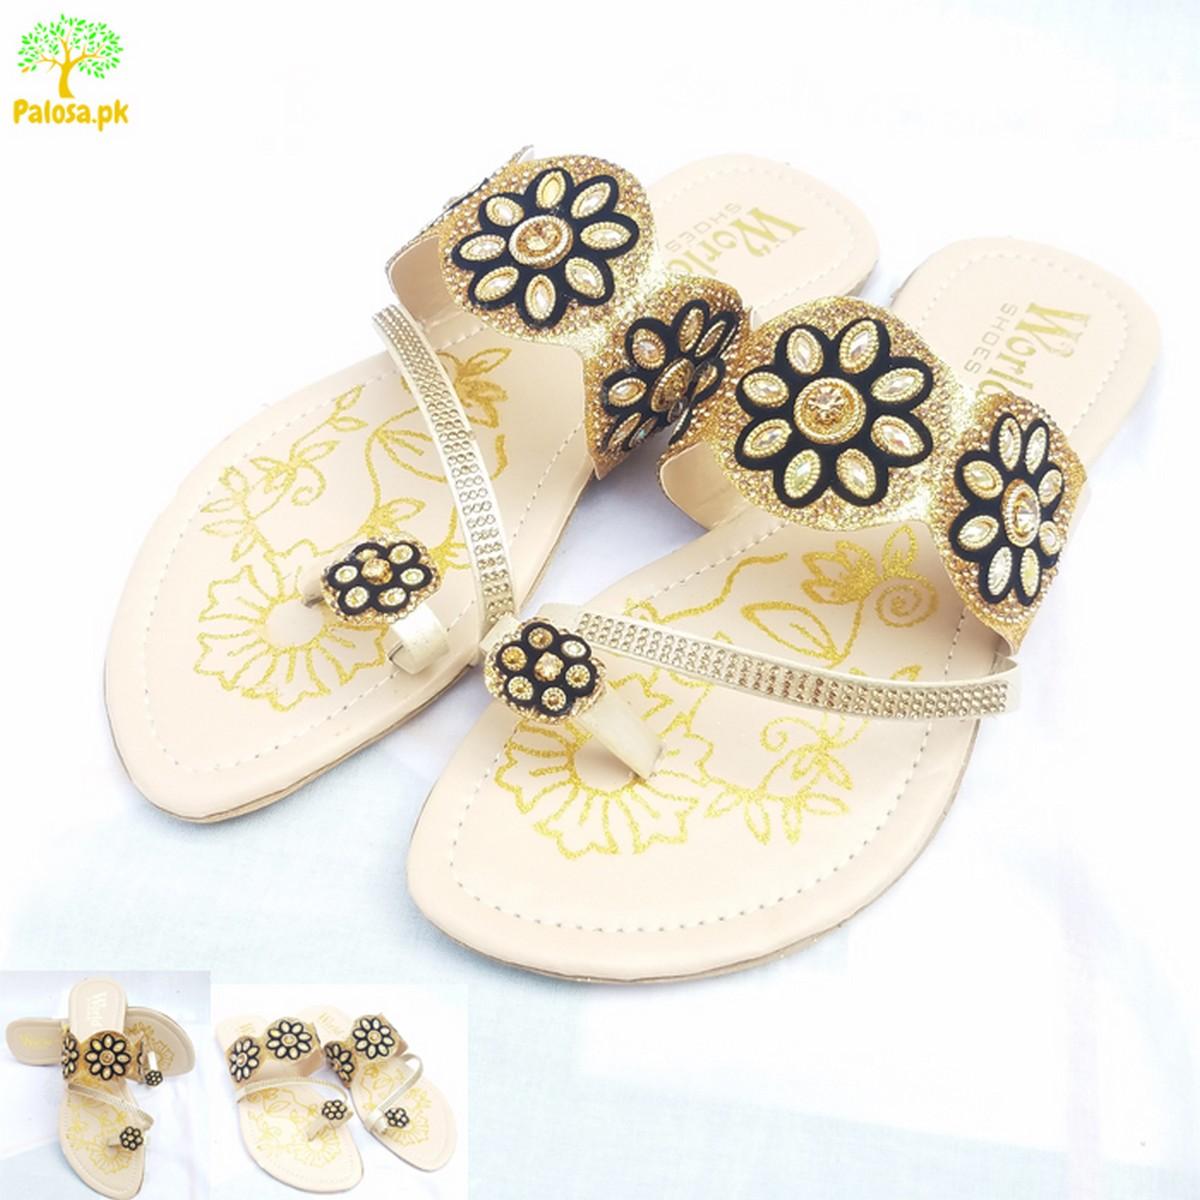 Women's sandals/chappal Wedding stylish.7,8,9,10,11